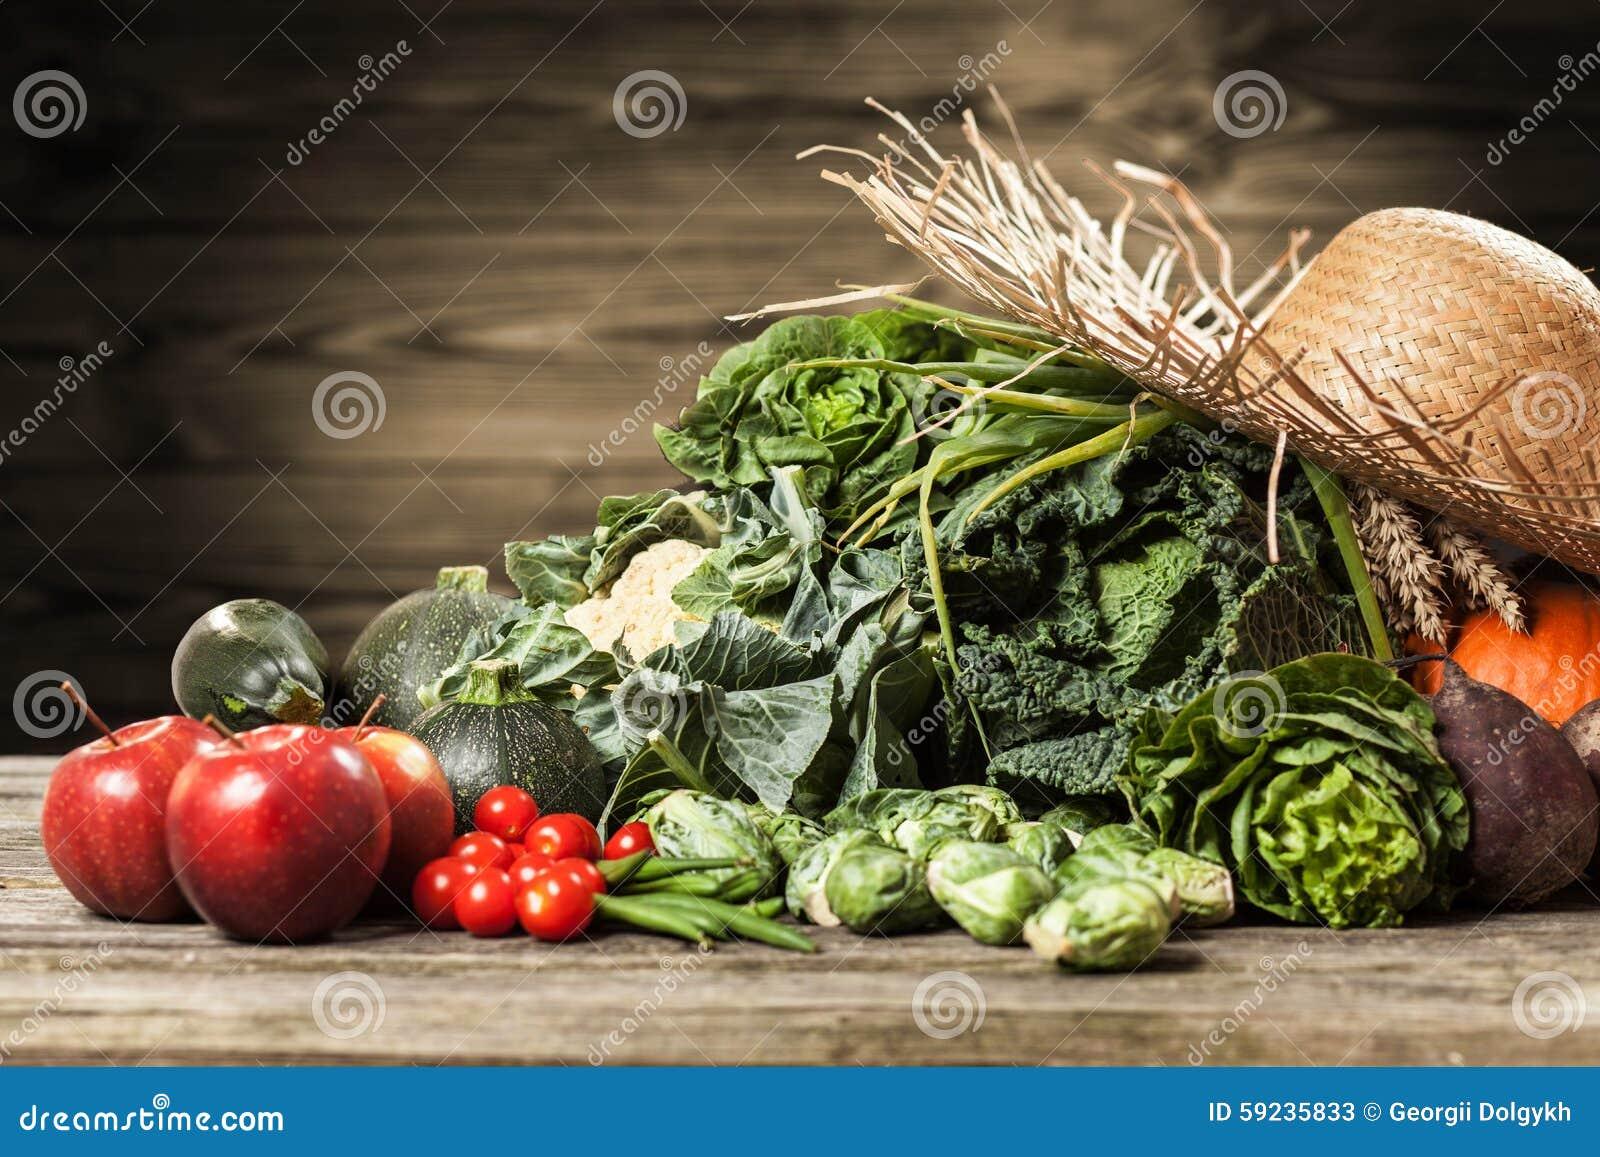 Download Surtido de verduras verdes imagen de archivo. Imagen de negro - 59235833